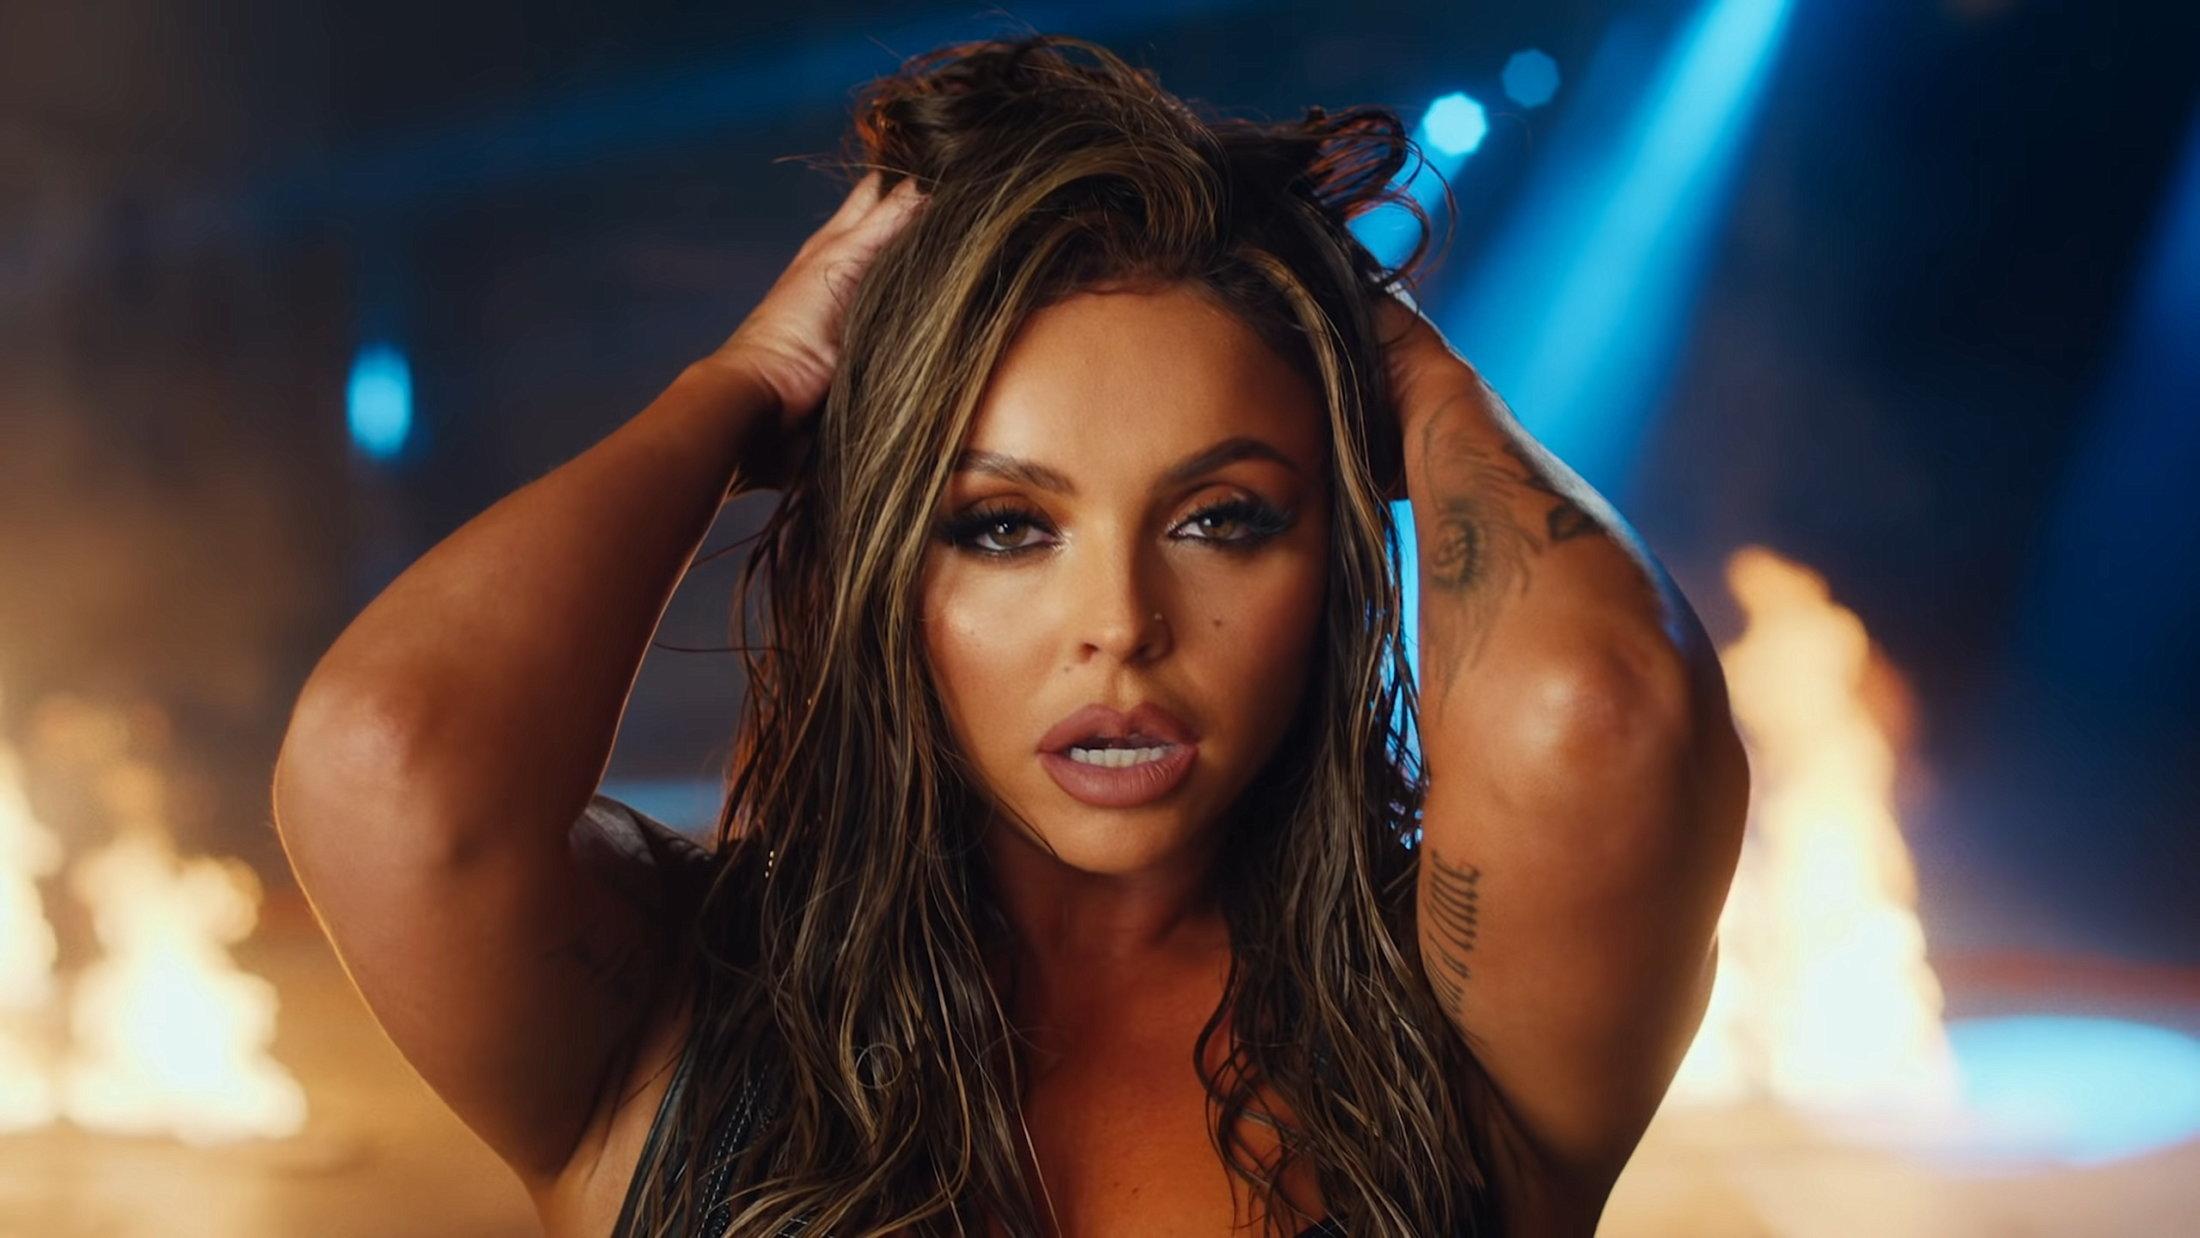 Little Mix - Sweet Melody (Official Video) 3-29 Screenshot